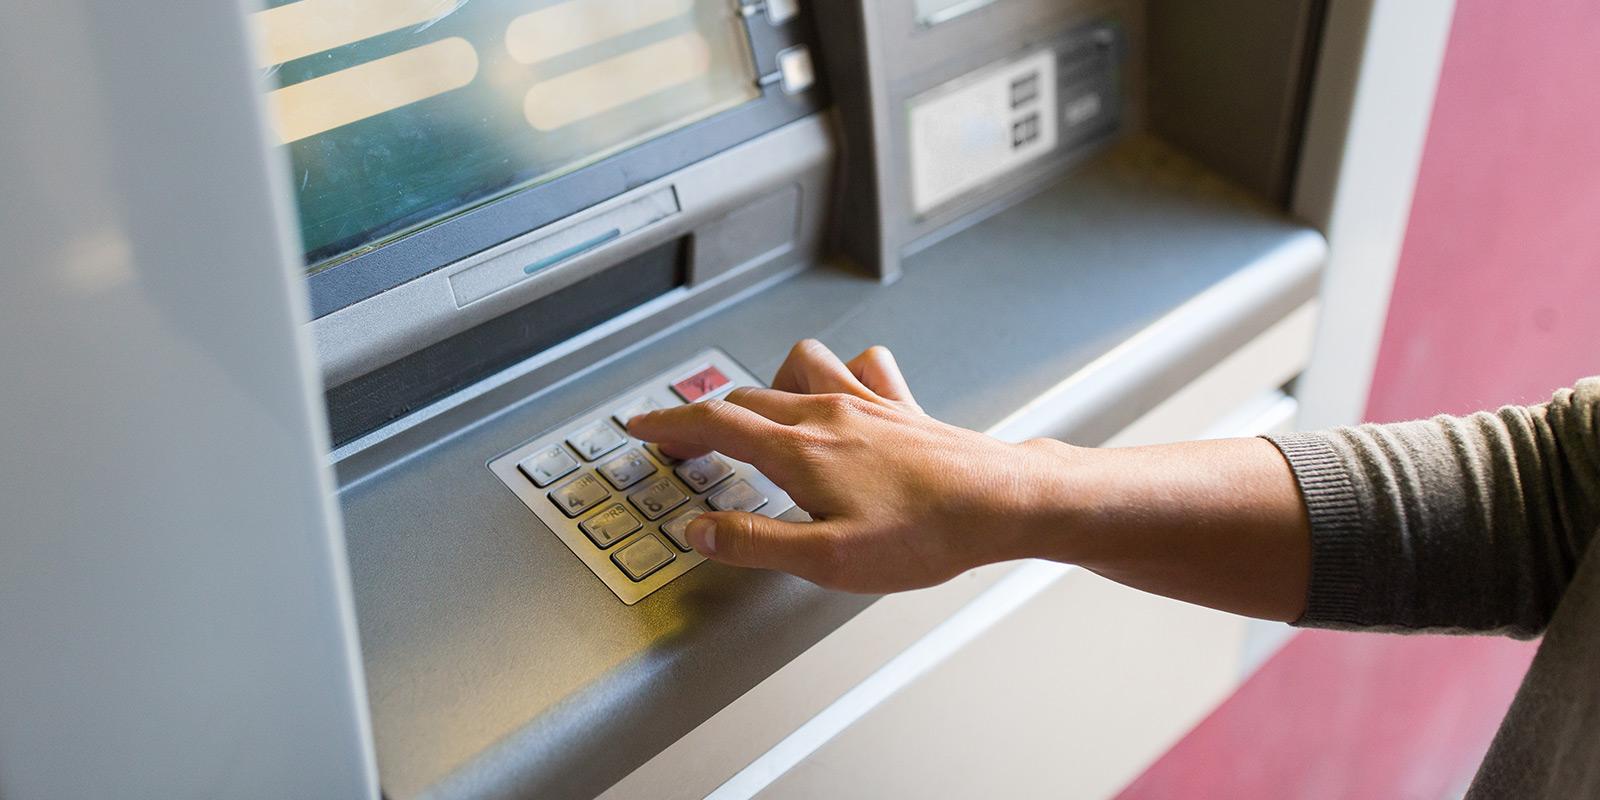 SROVNÁNÍ: Spotřebitelský úvěr, kreditní karta, nebo kontokorent. Co vyjde nejlevněji a co je nejrychlejší?